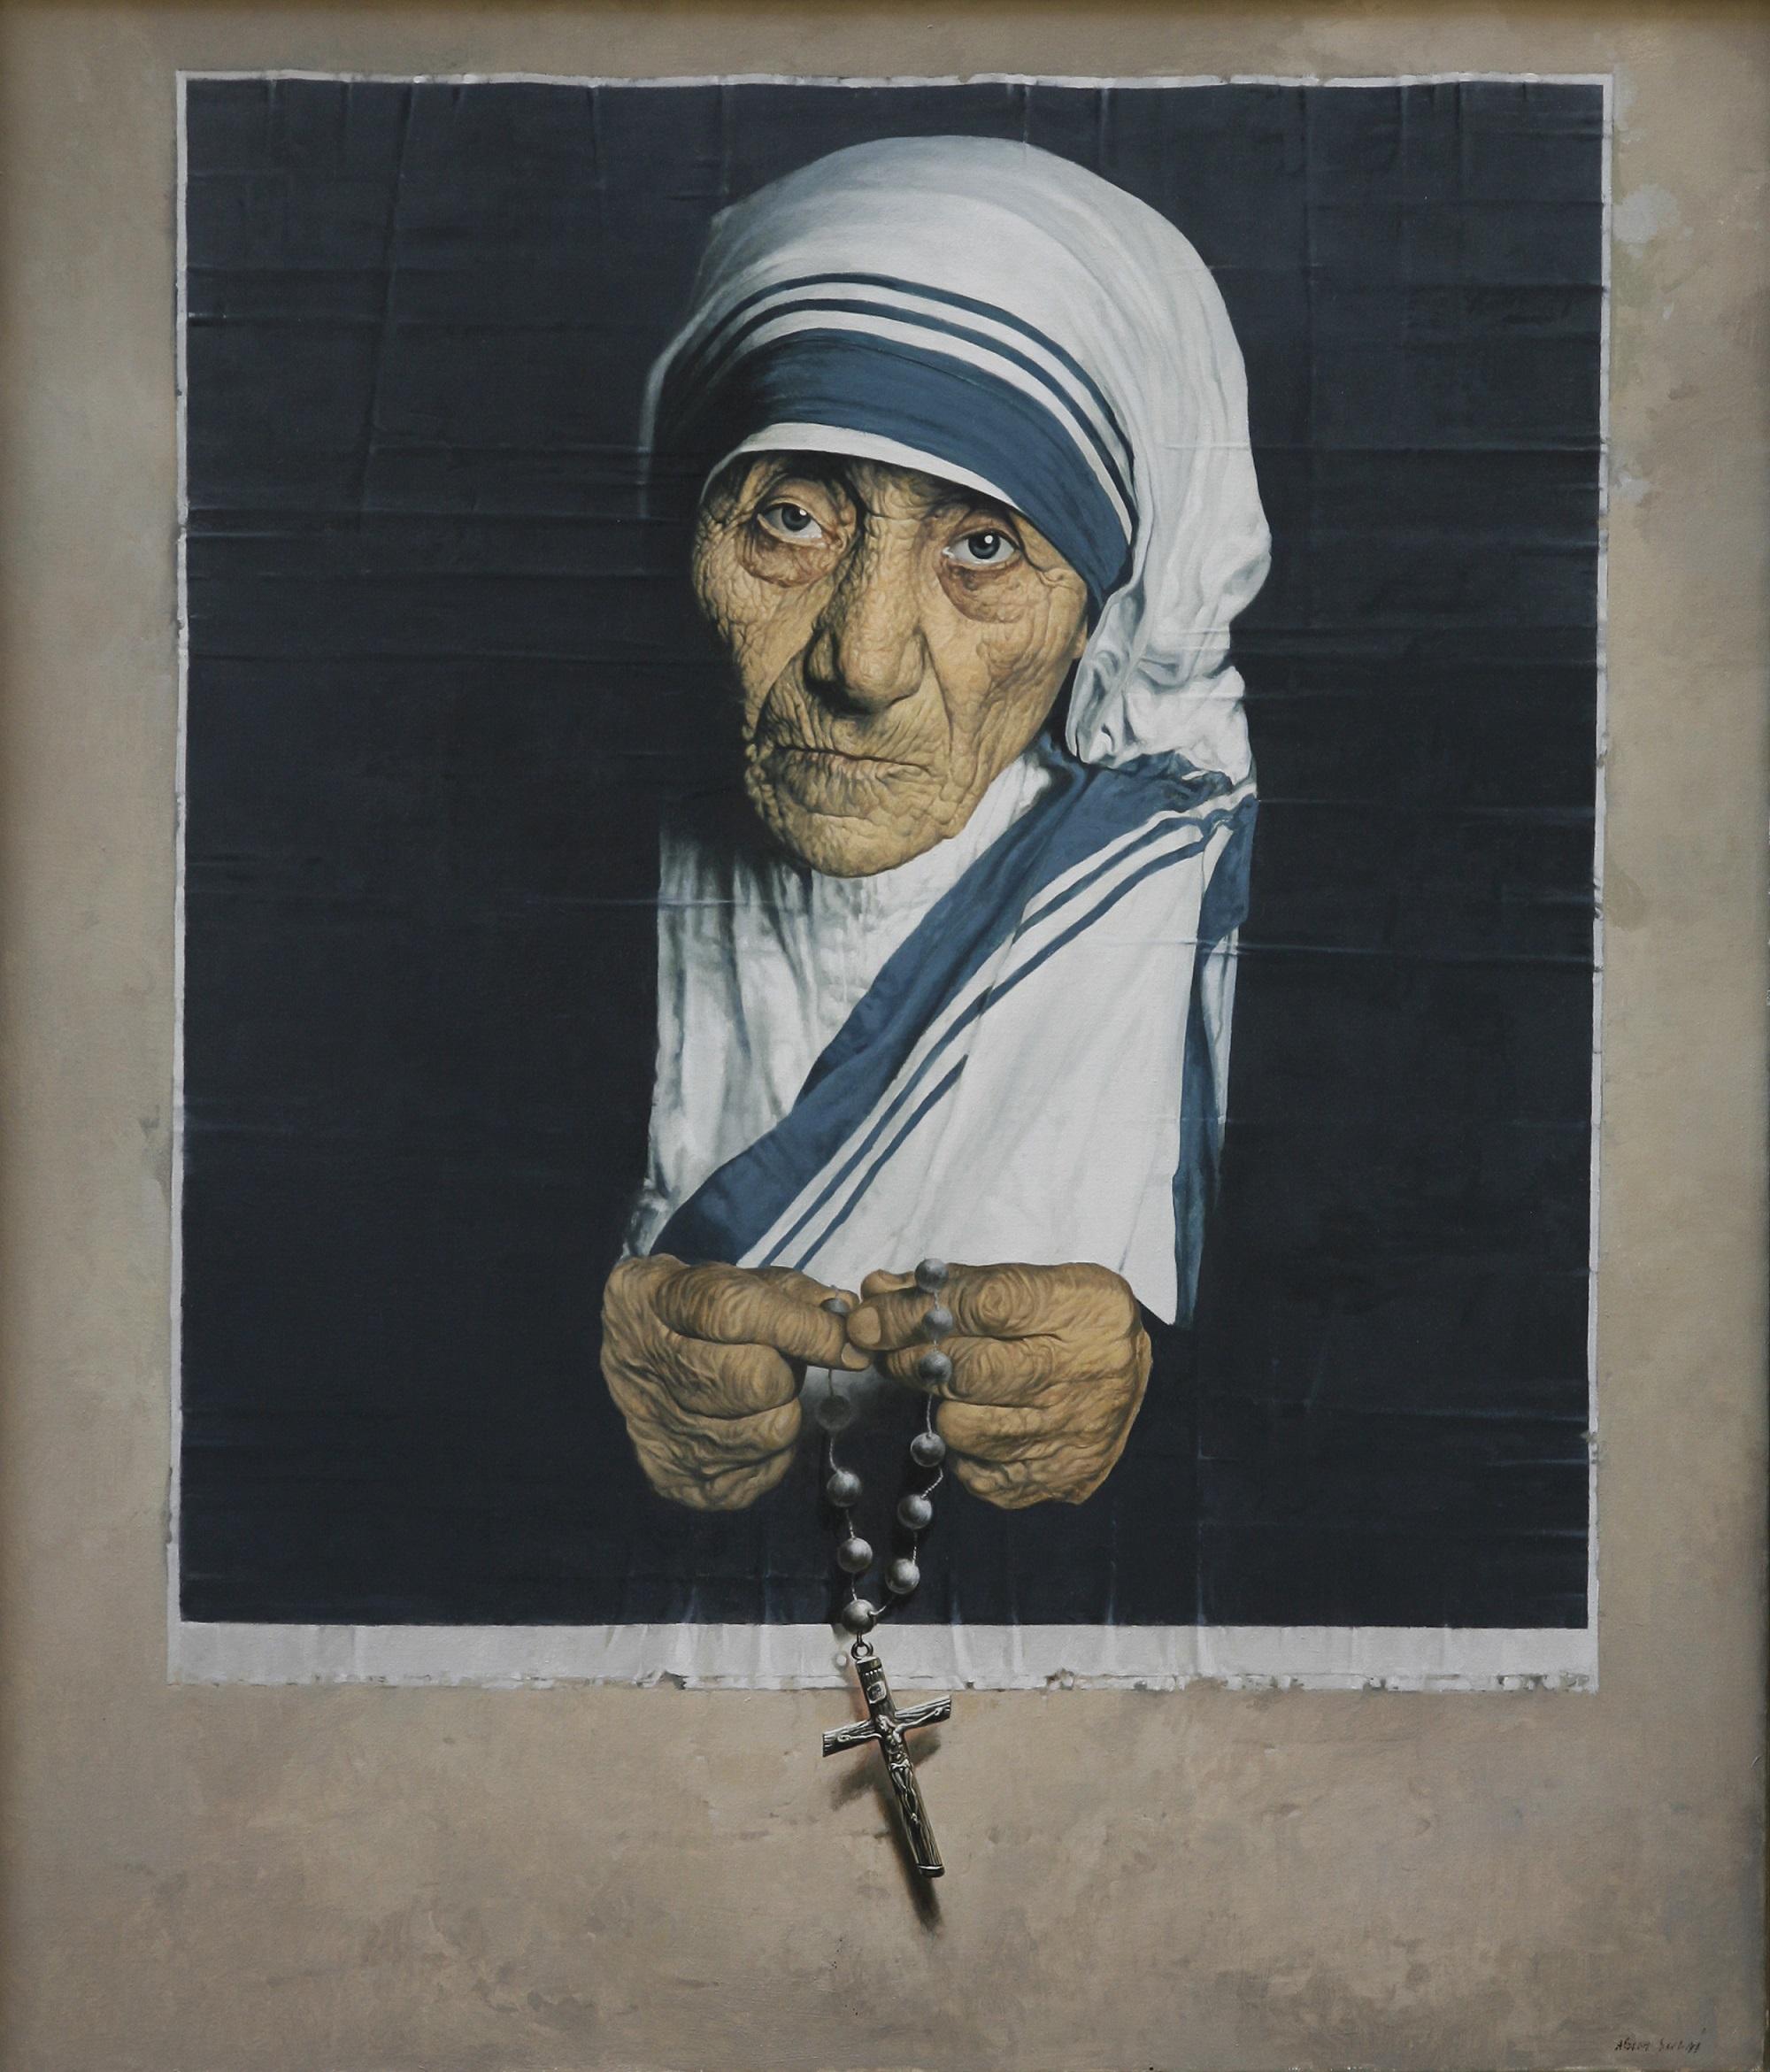 'Mother Theresa' Agim Sulaj Oil on Canvas, 70cm x 80cm